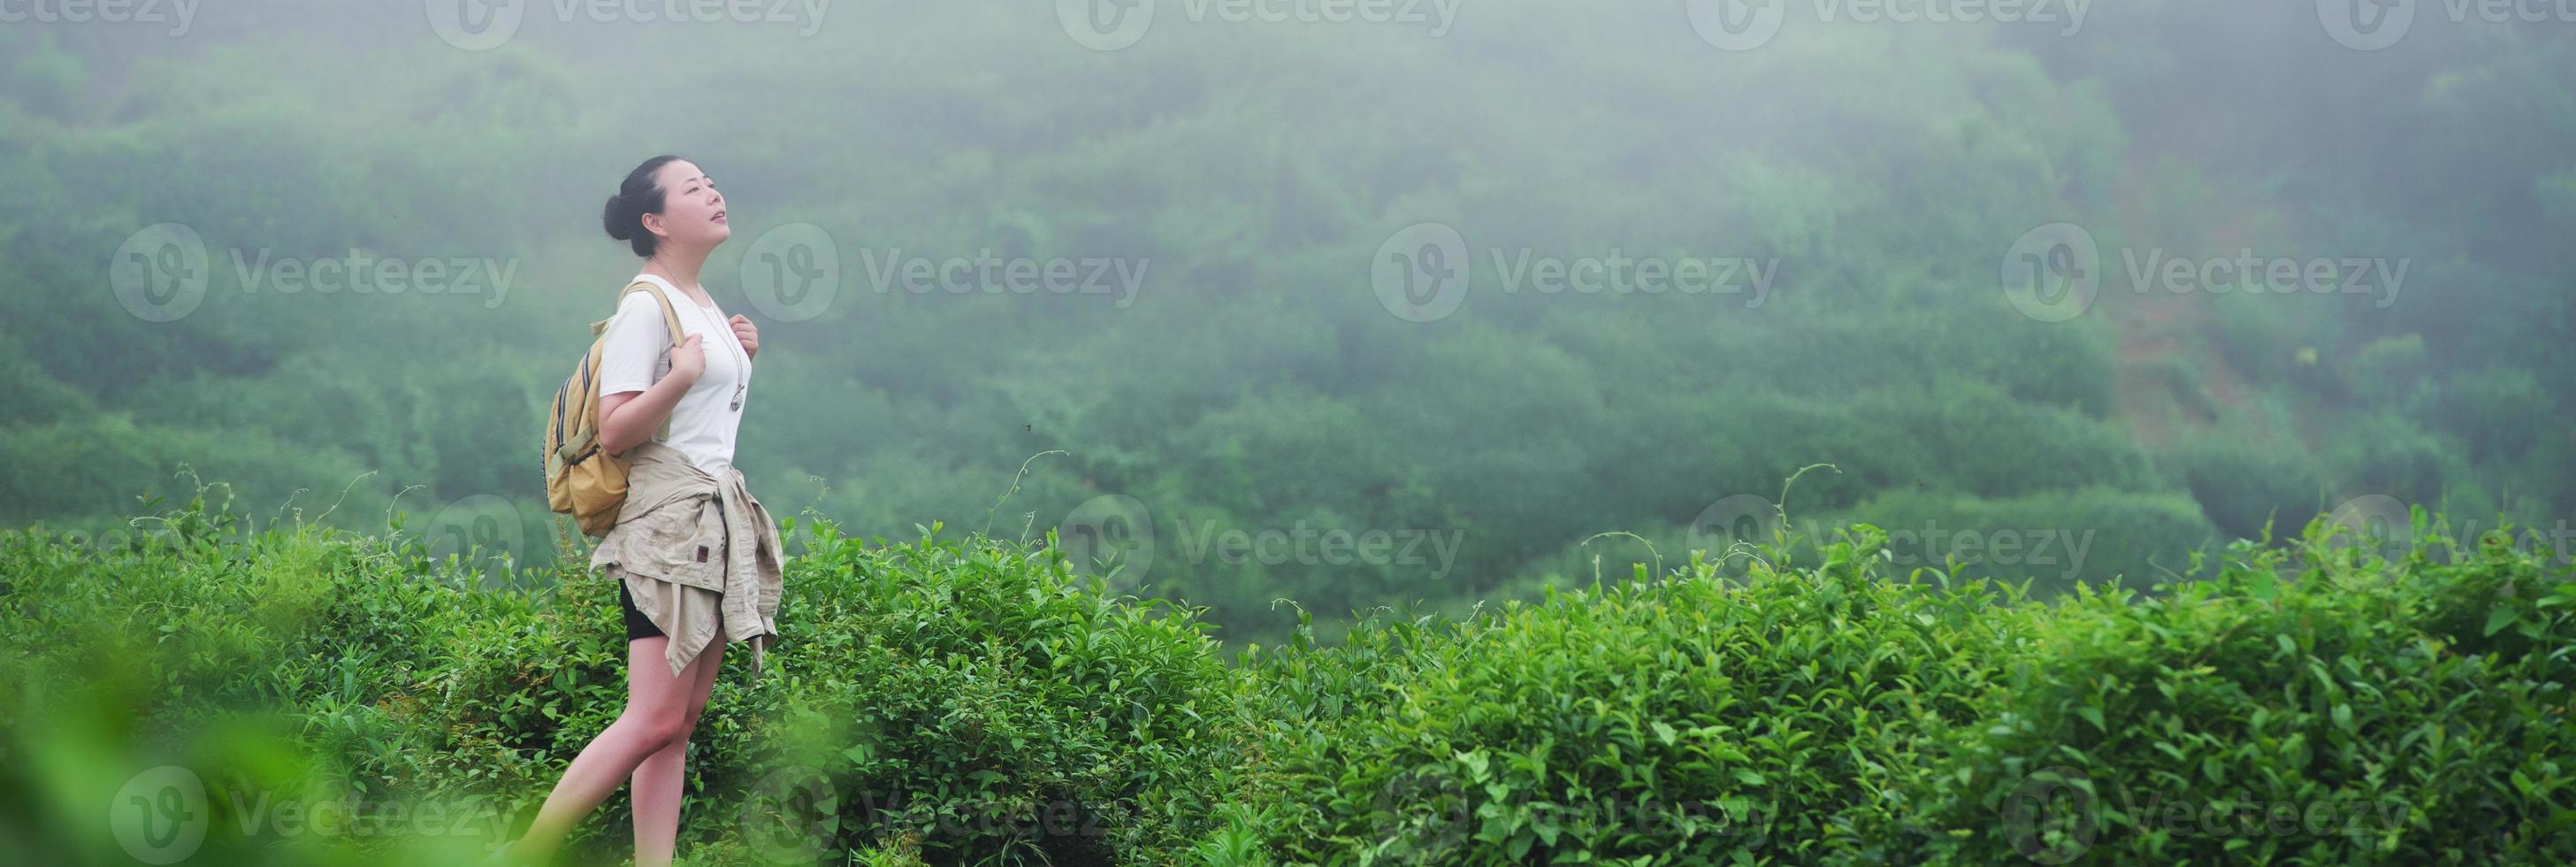 Mujeres mirando el campo de plantaciones de té. foto